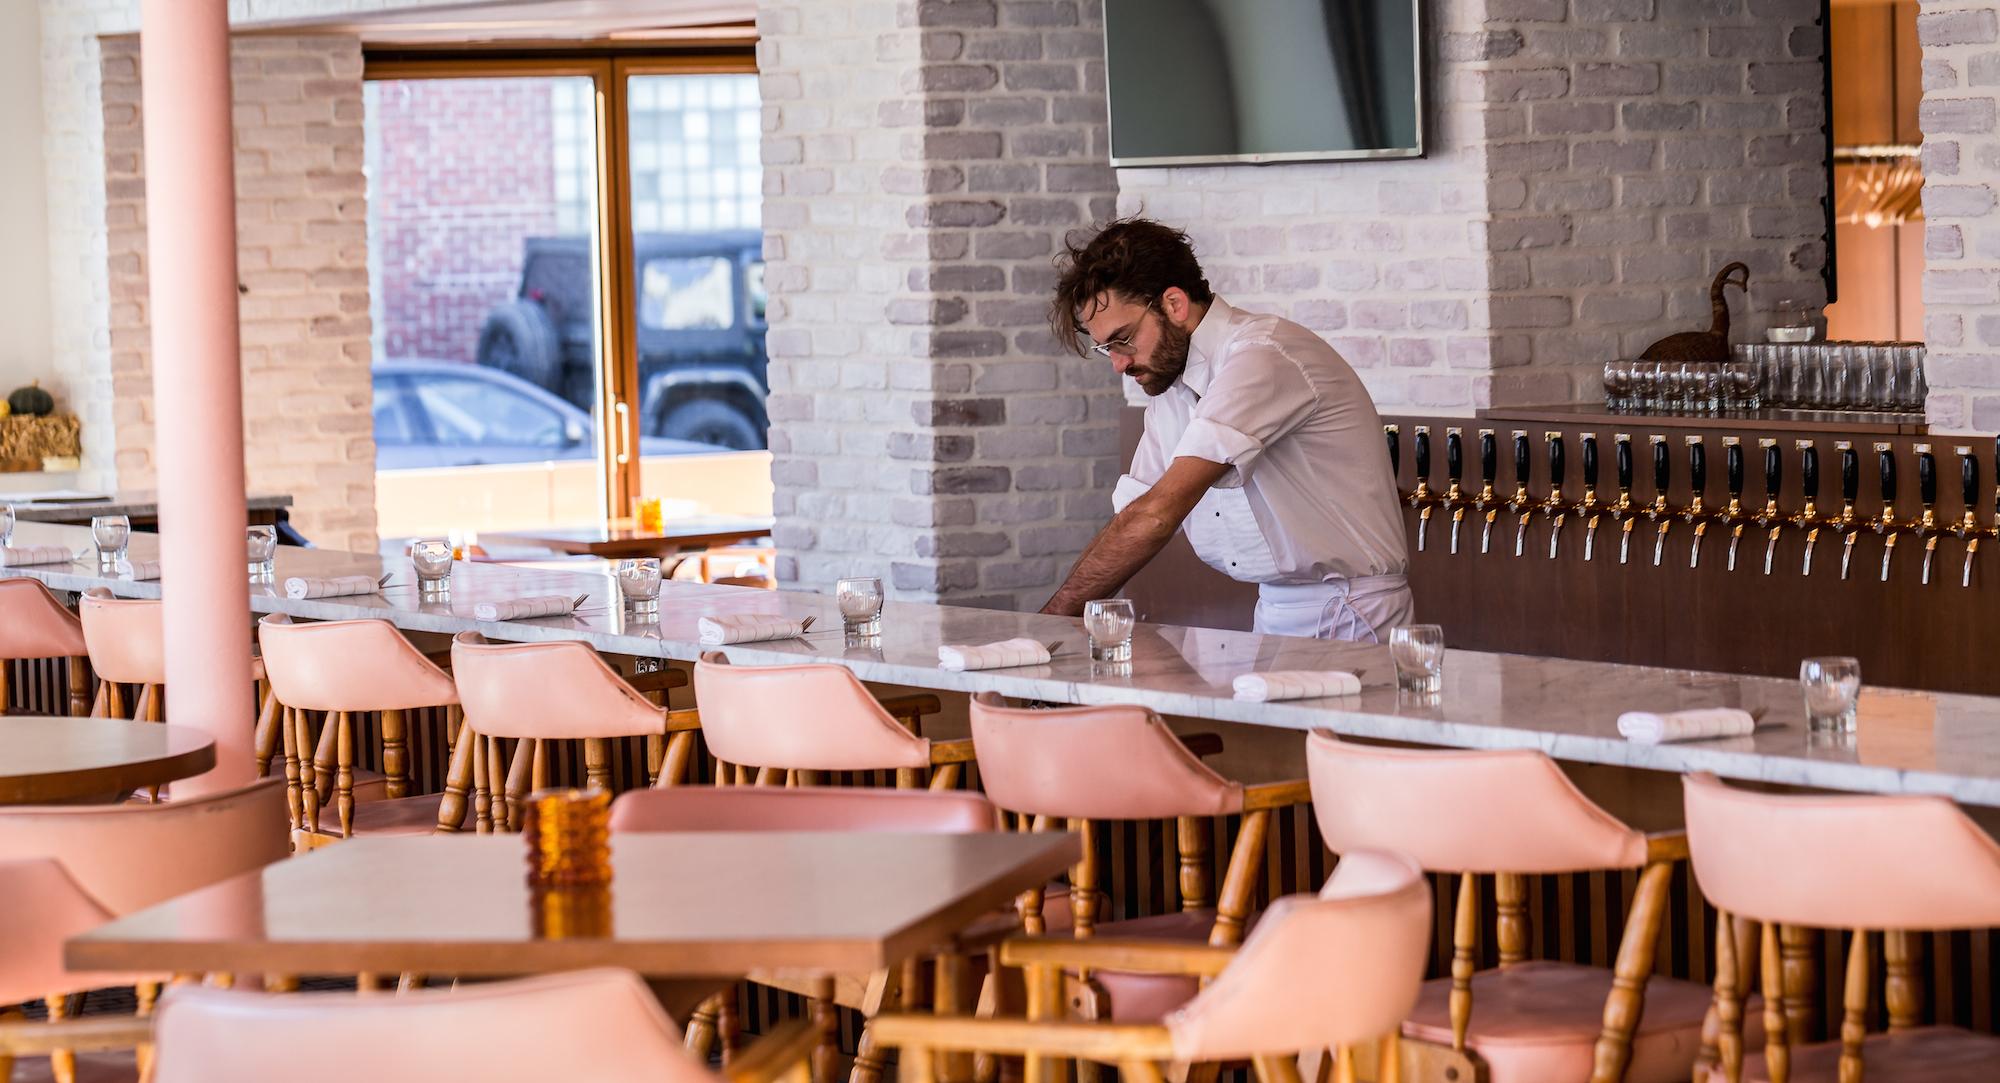 Inside Brasserie Harricana